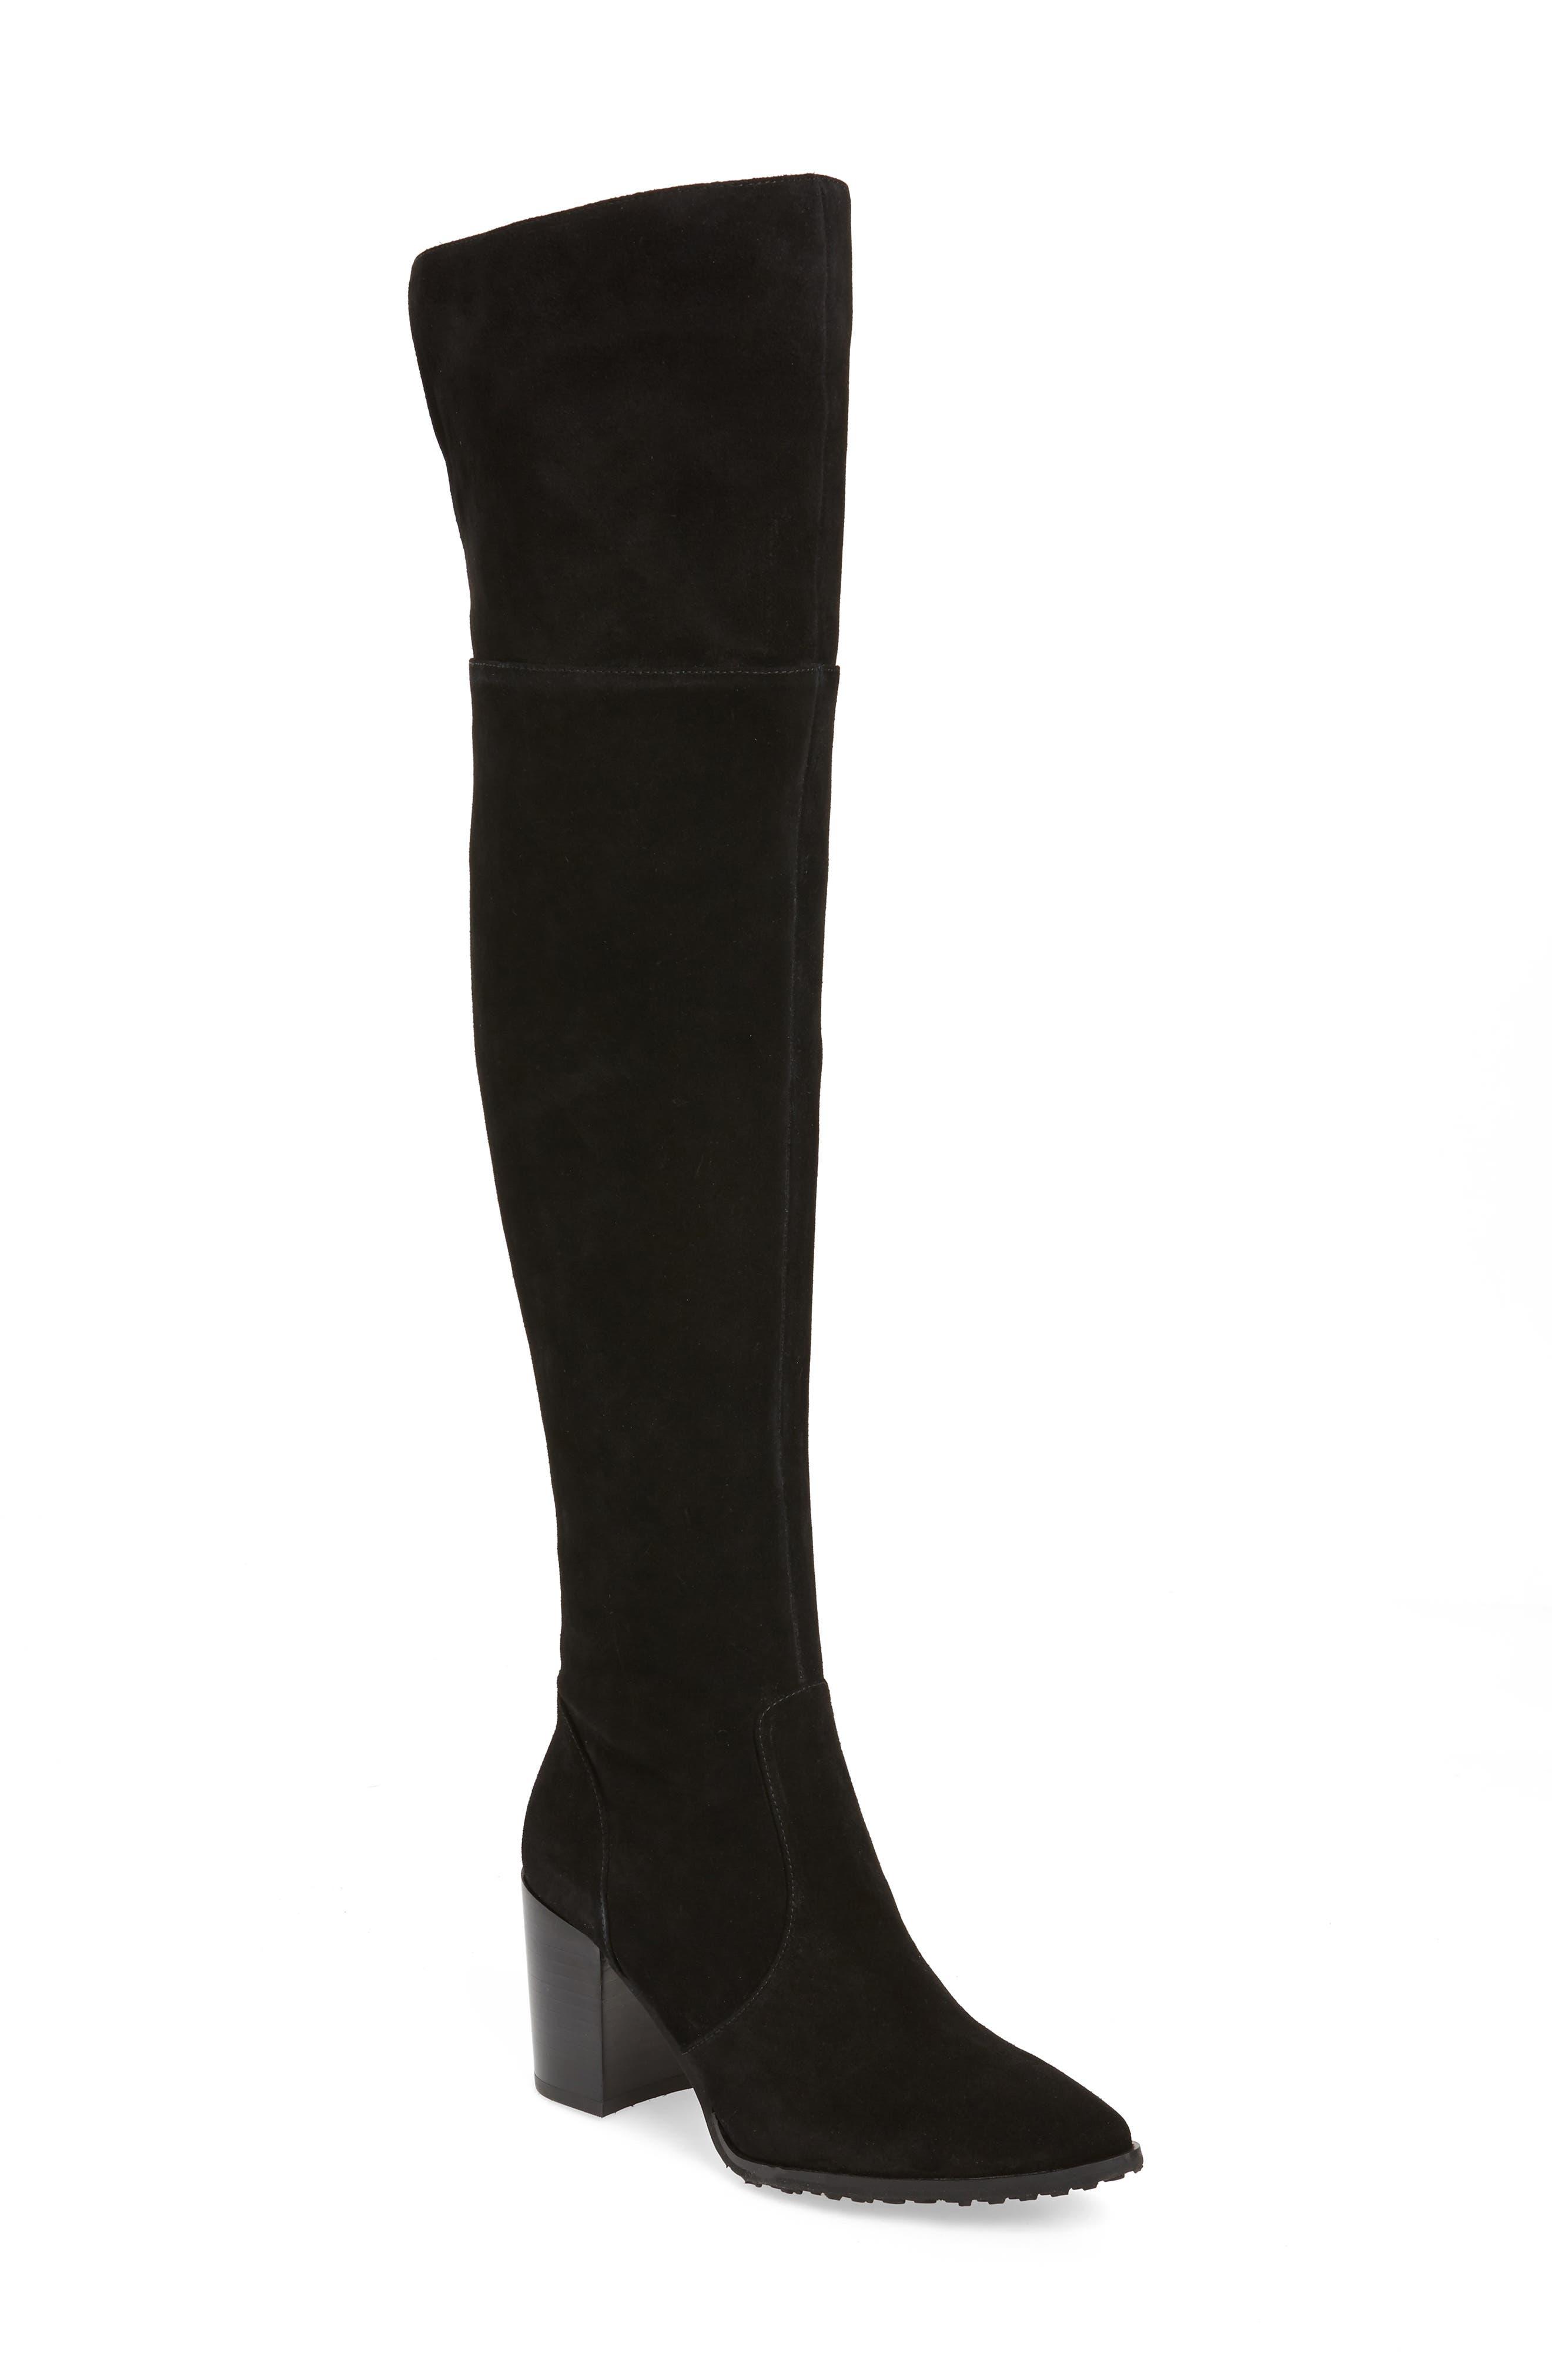 Blondo Tatum Waterproof Over the Knee Boot (Women)